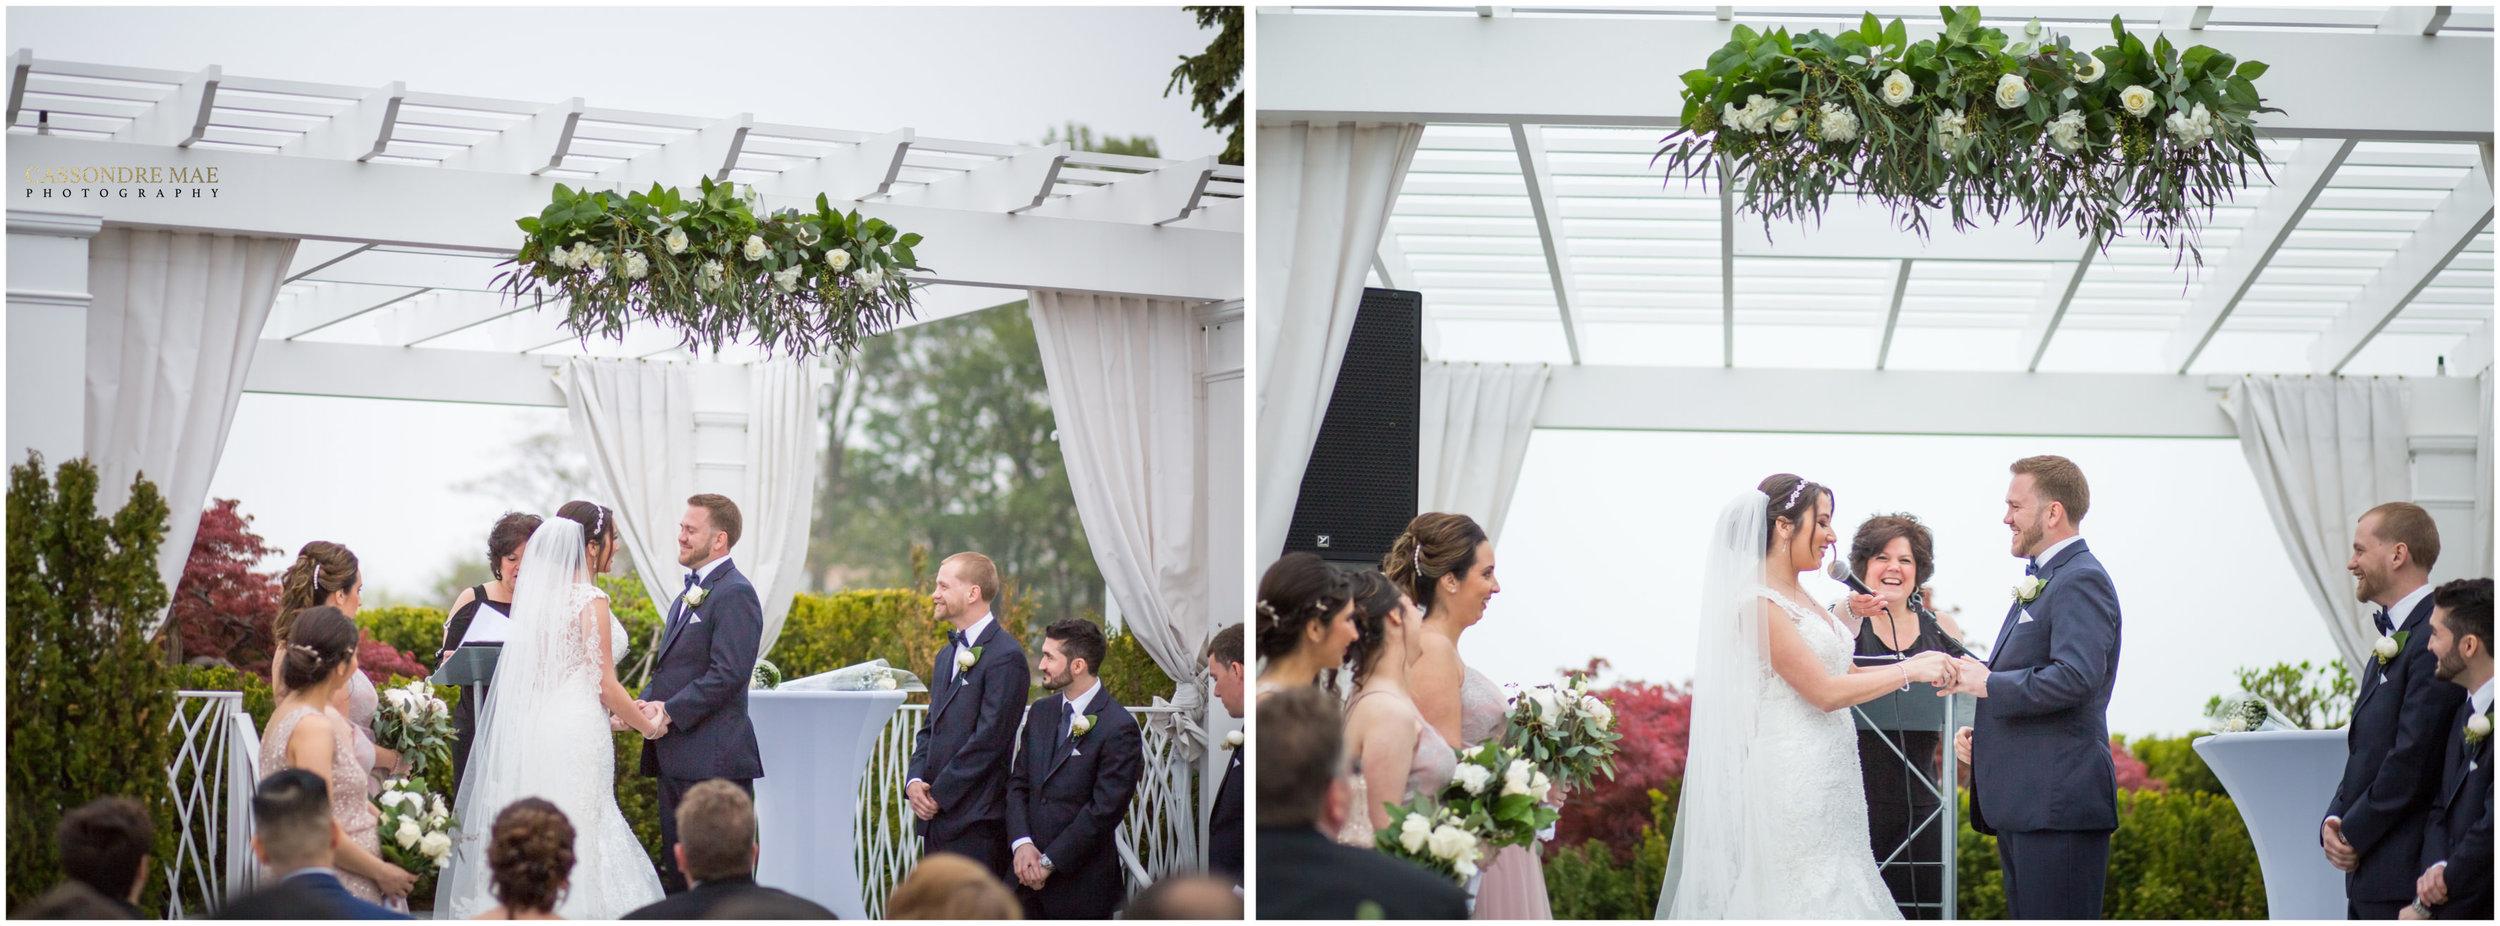 Cassondre Mae Photography Marina Del Ray Weddings 22.jpg